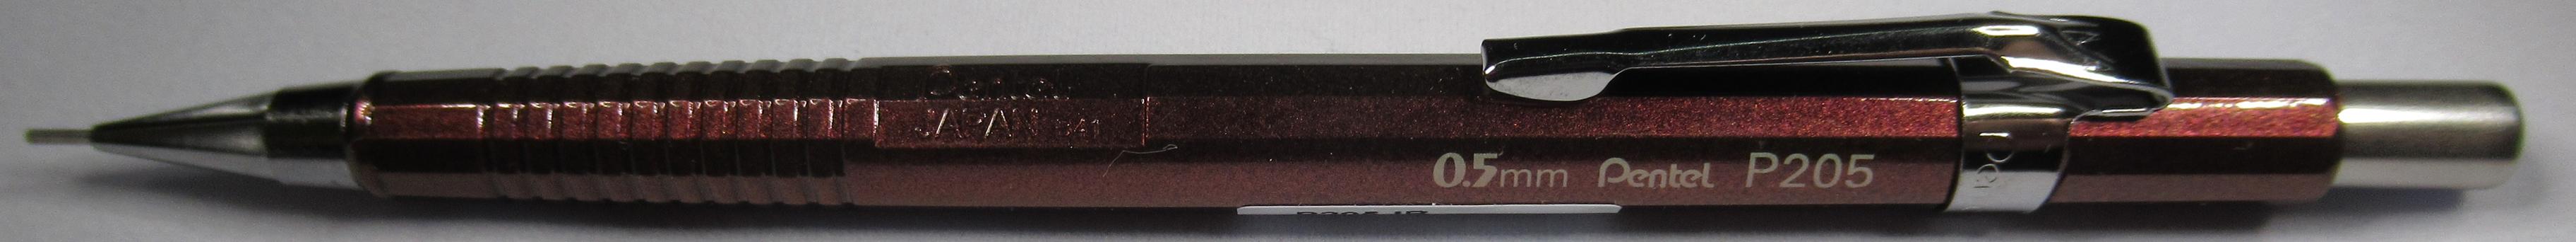 z1006 - P205-IB (Gen 6) - 342